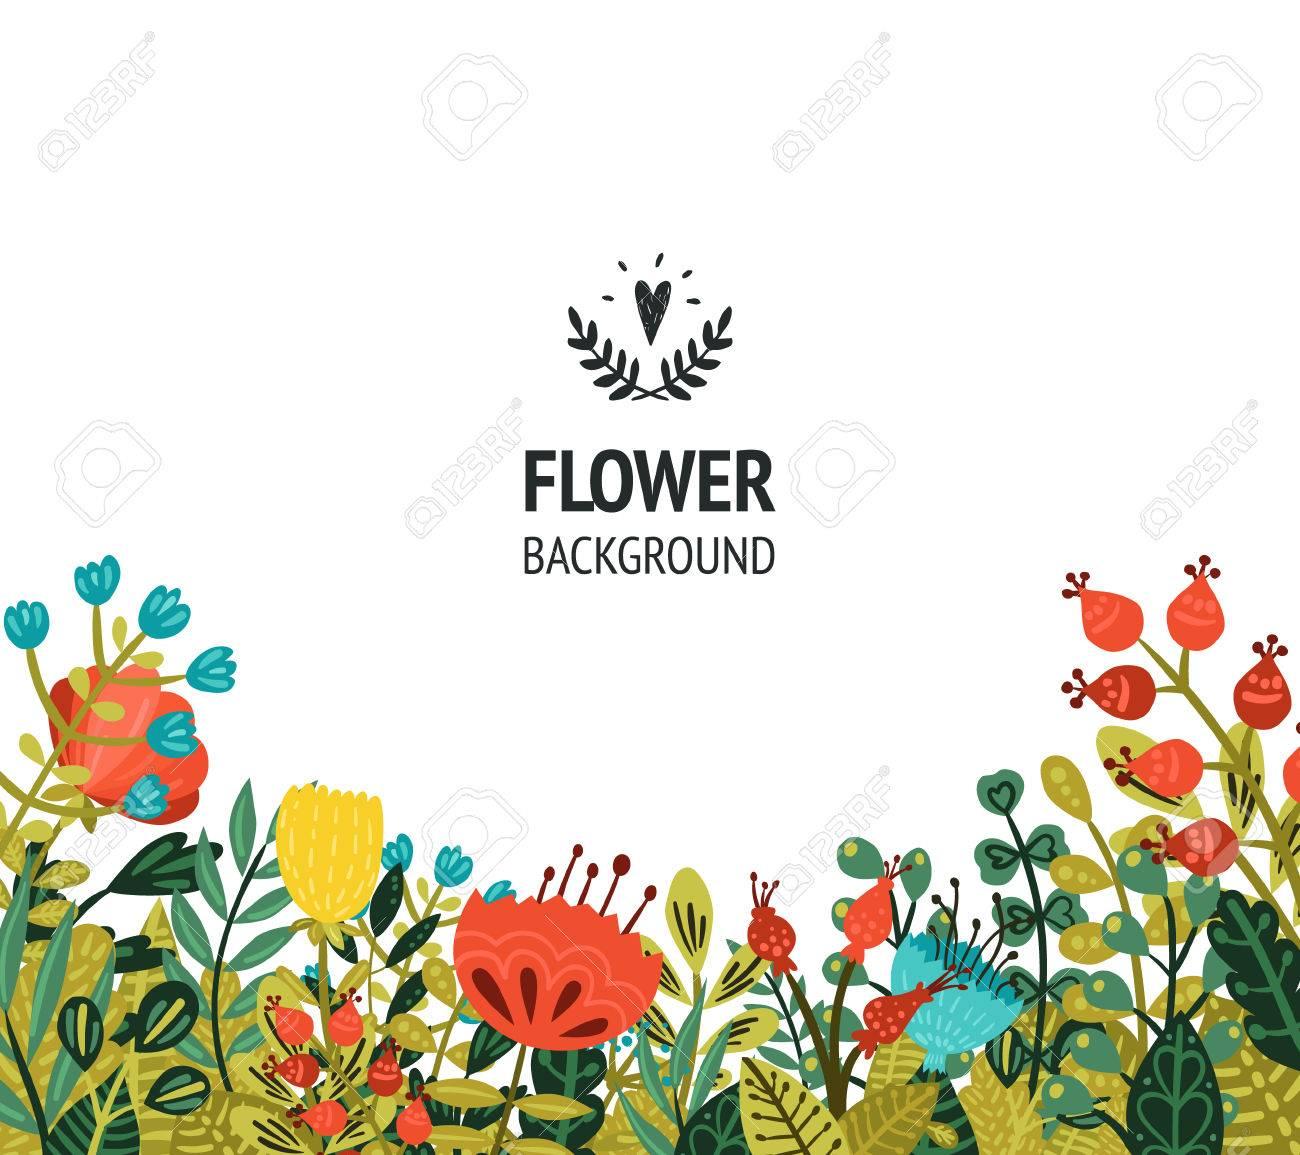 Fondo Floral Con Flores Lindos Para El Diseño Las Tarjetas De Fecha Invitaciones Web Carteles Y Decoraciones De Cumpleaños